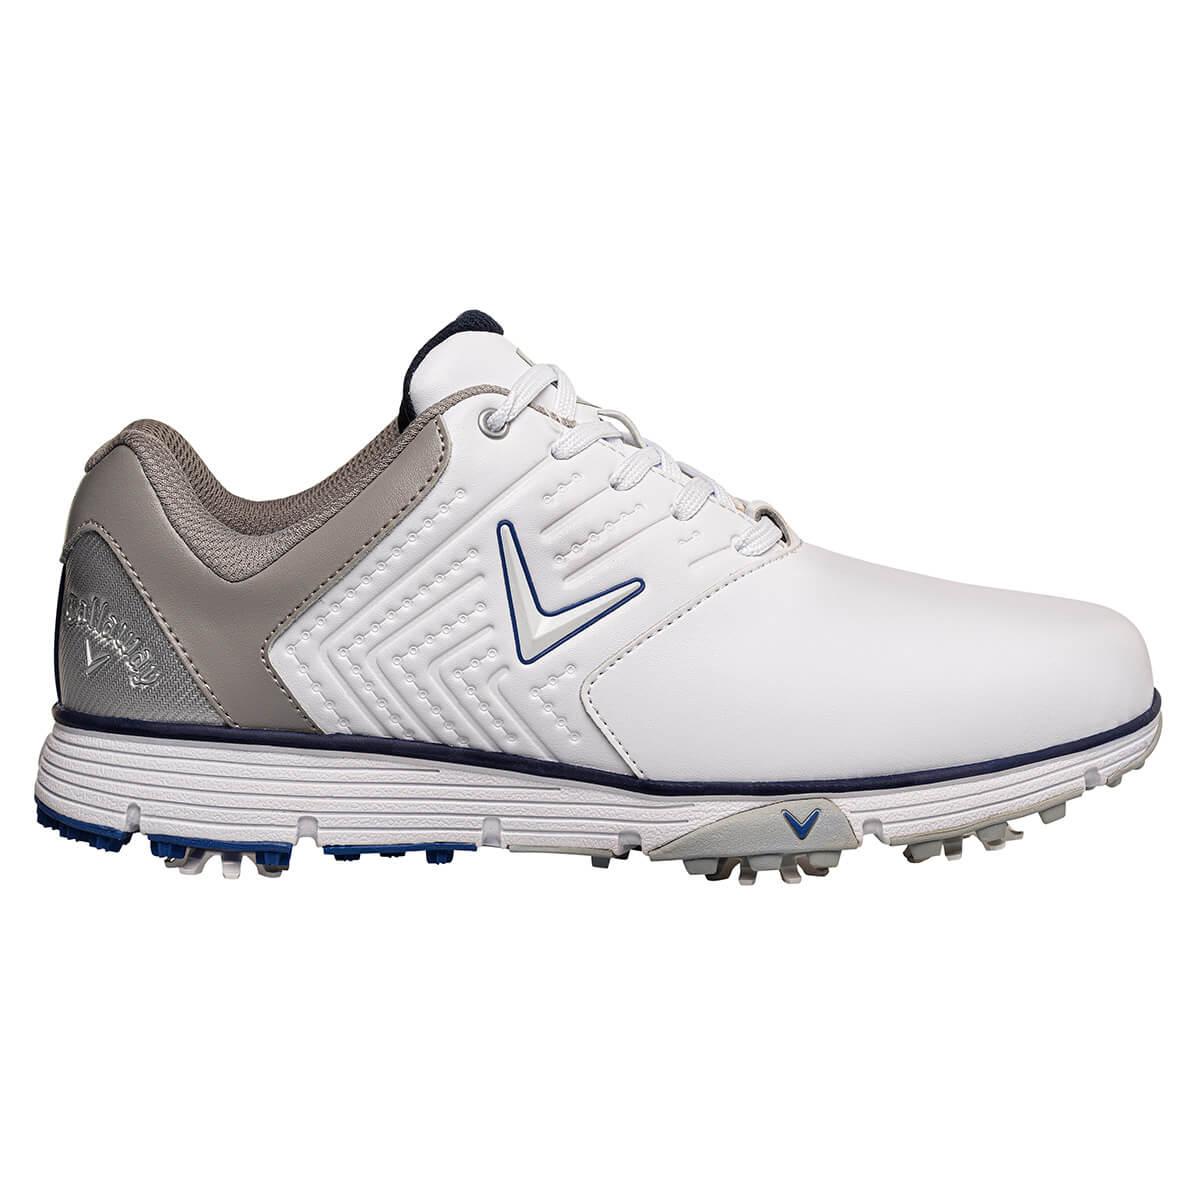 Callaway-Golf-Herren-2020-Chivy-Mulligan-Wasserfest-Leder-Golfschuhe-29-OFF Indexbild 21